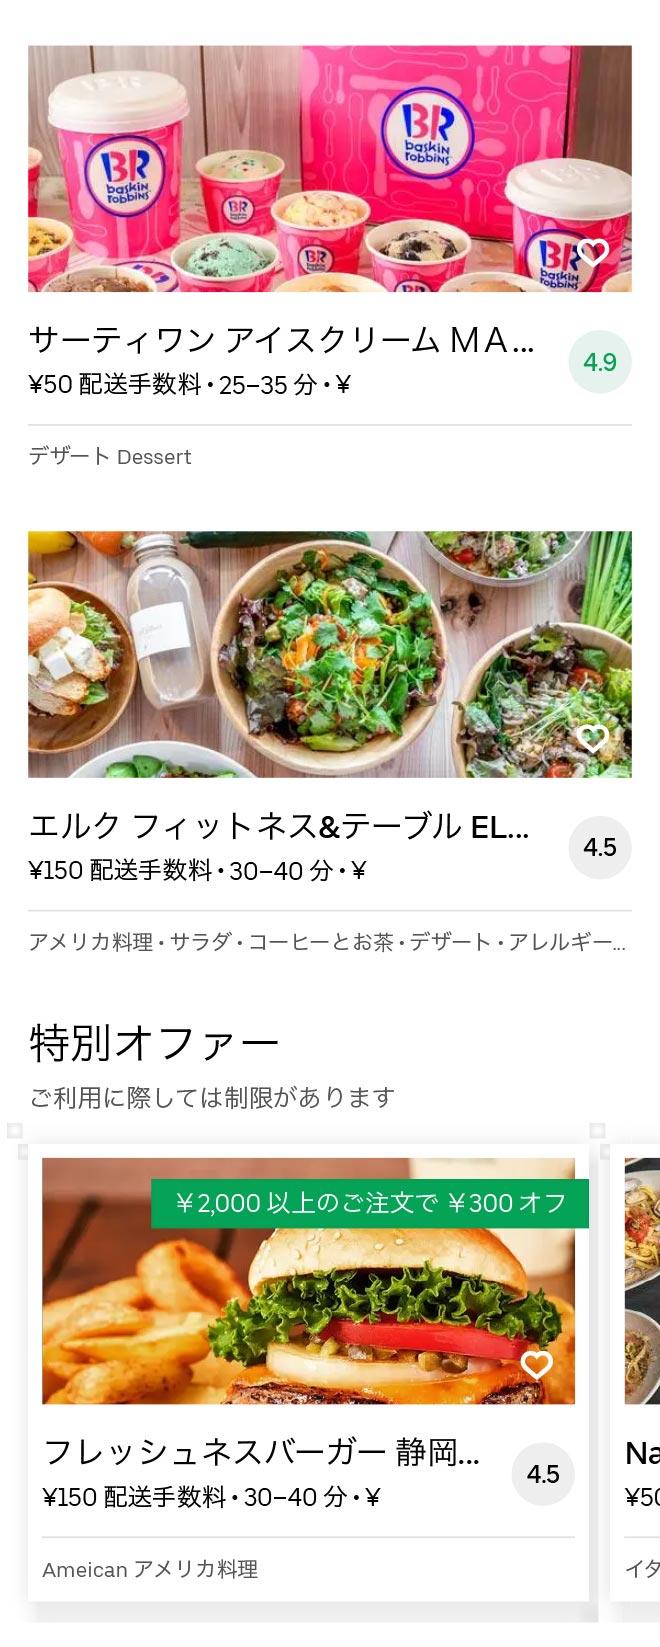 Higashi shizuoka menu 2010 04